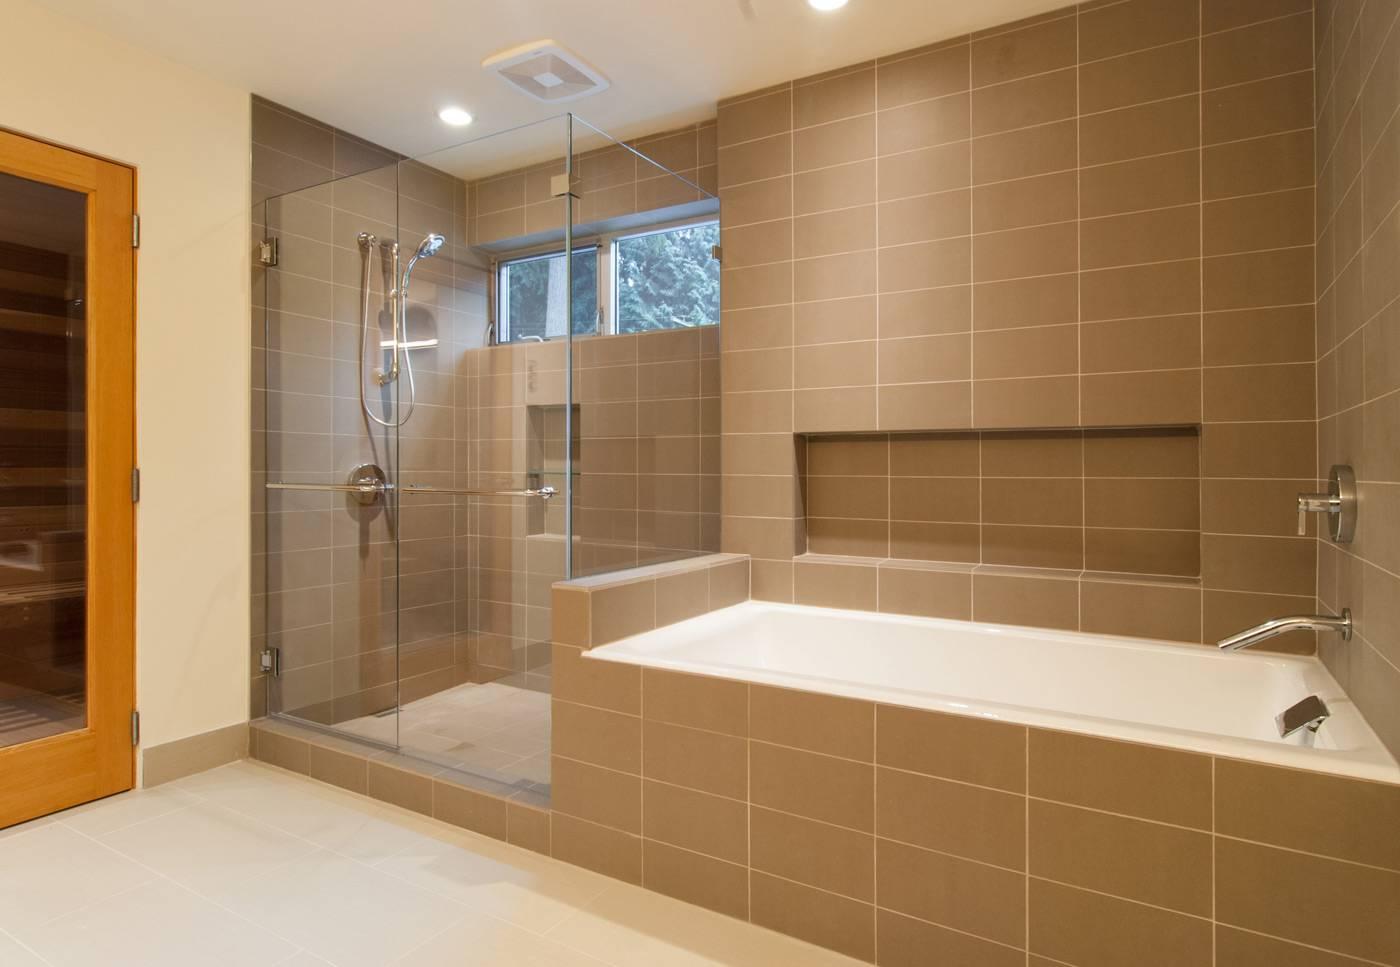 Motivos cambiar bañera por ducha Madrid